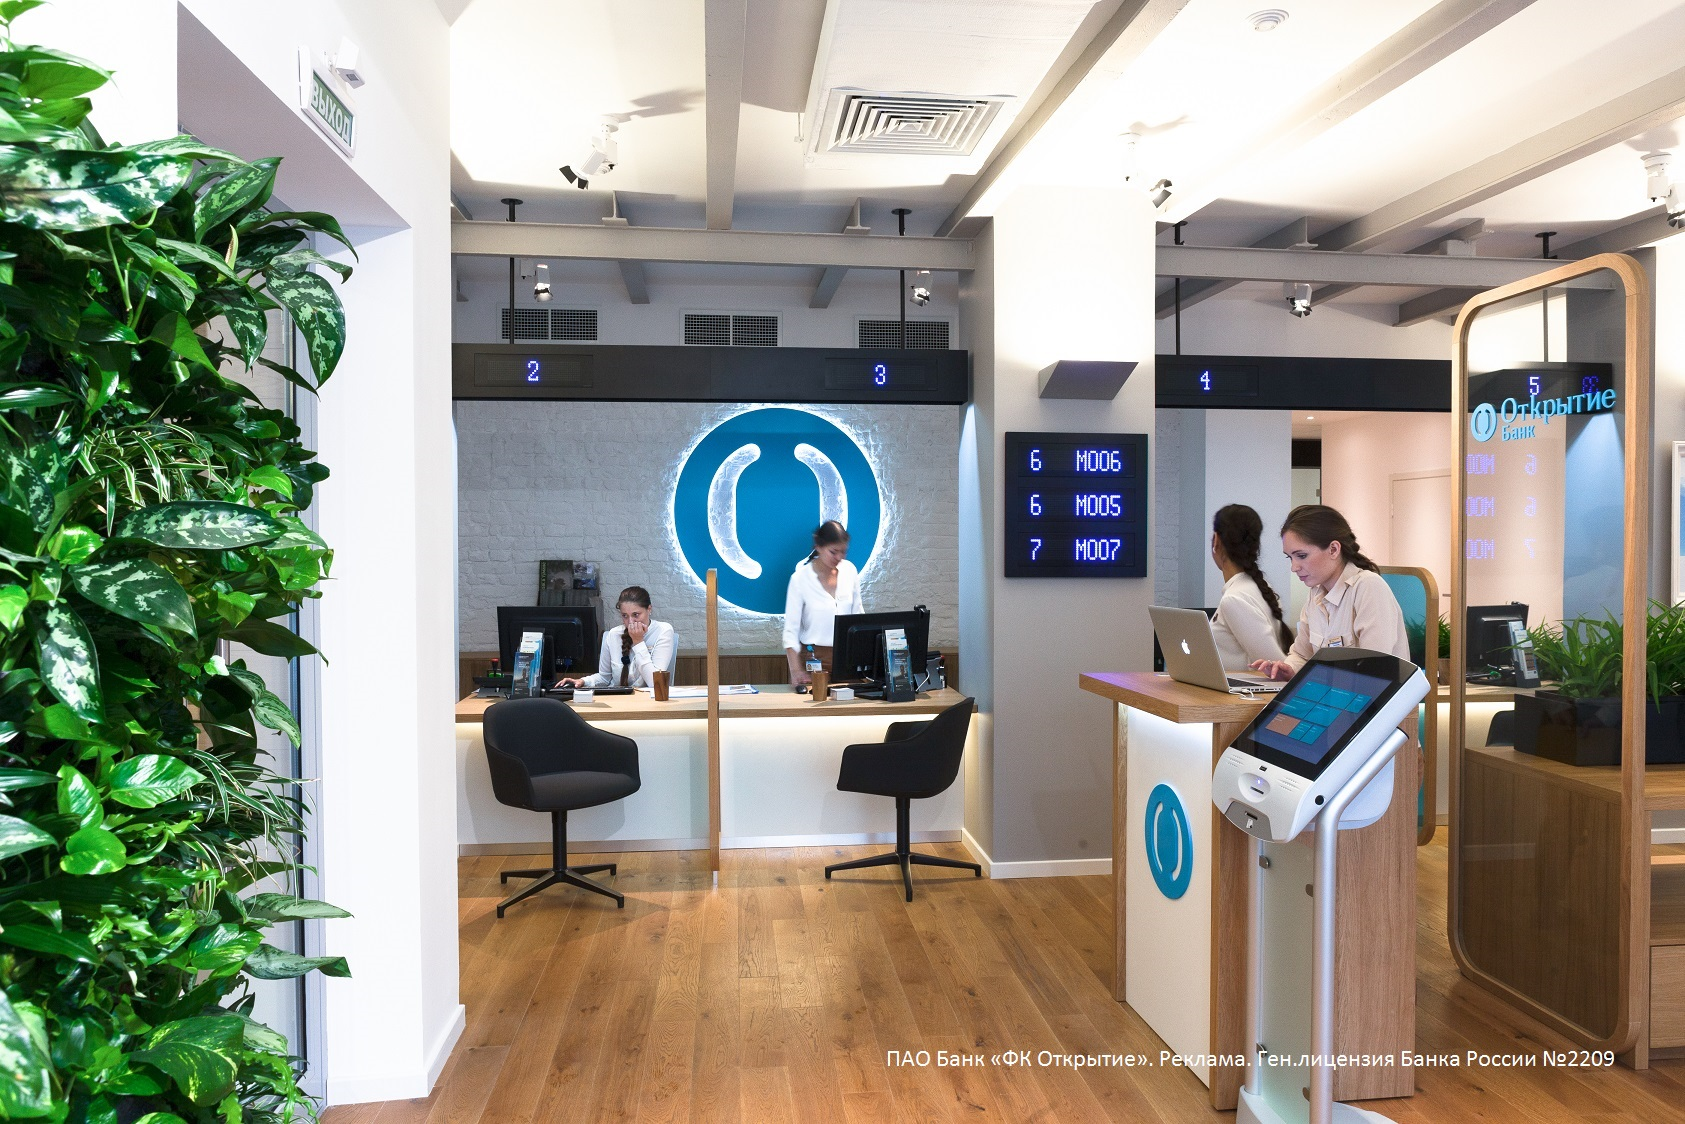 Банк «Открытие» и Свердловская область договорились совместно развивать малый бизнес и государственно-частное партнерство